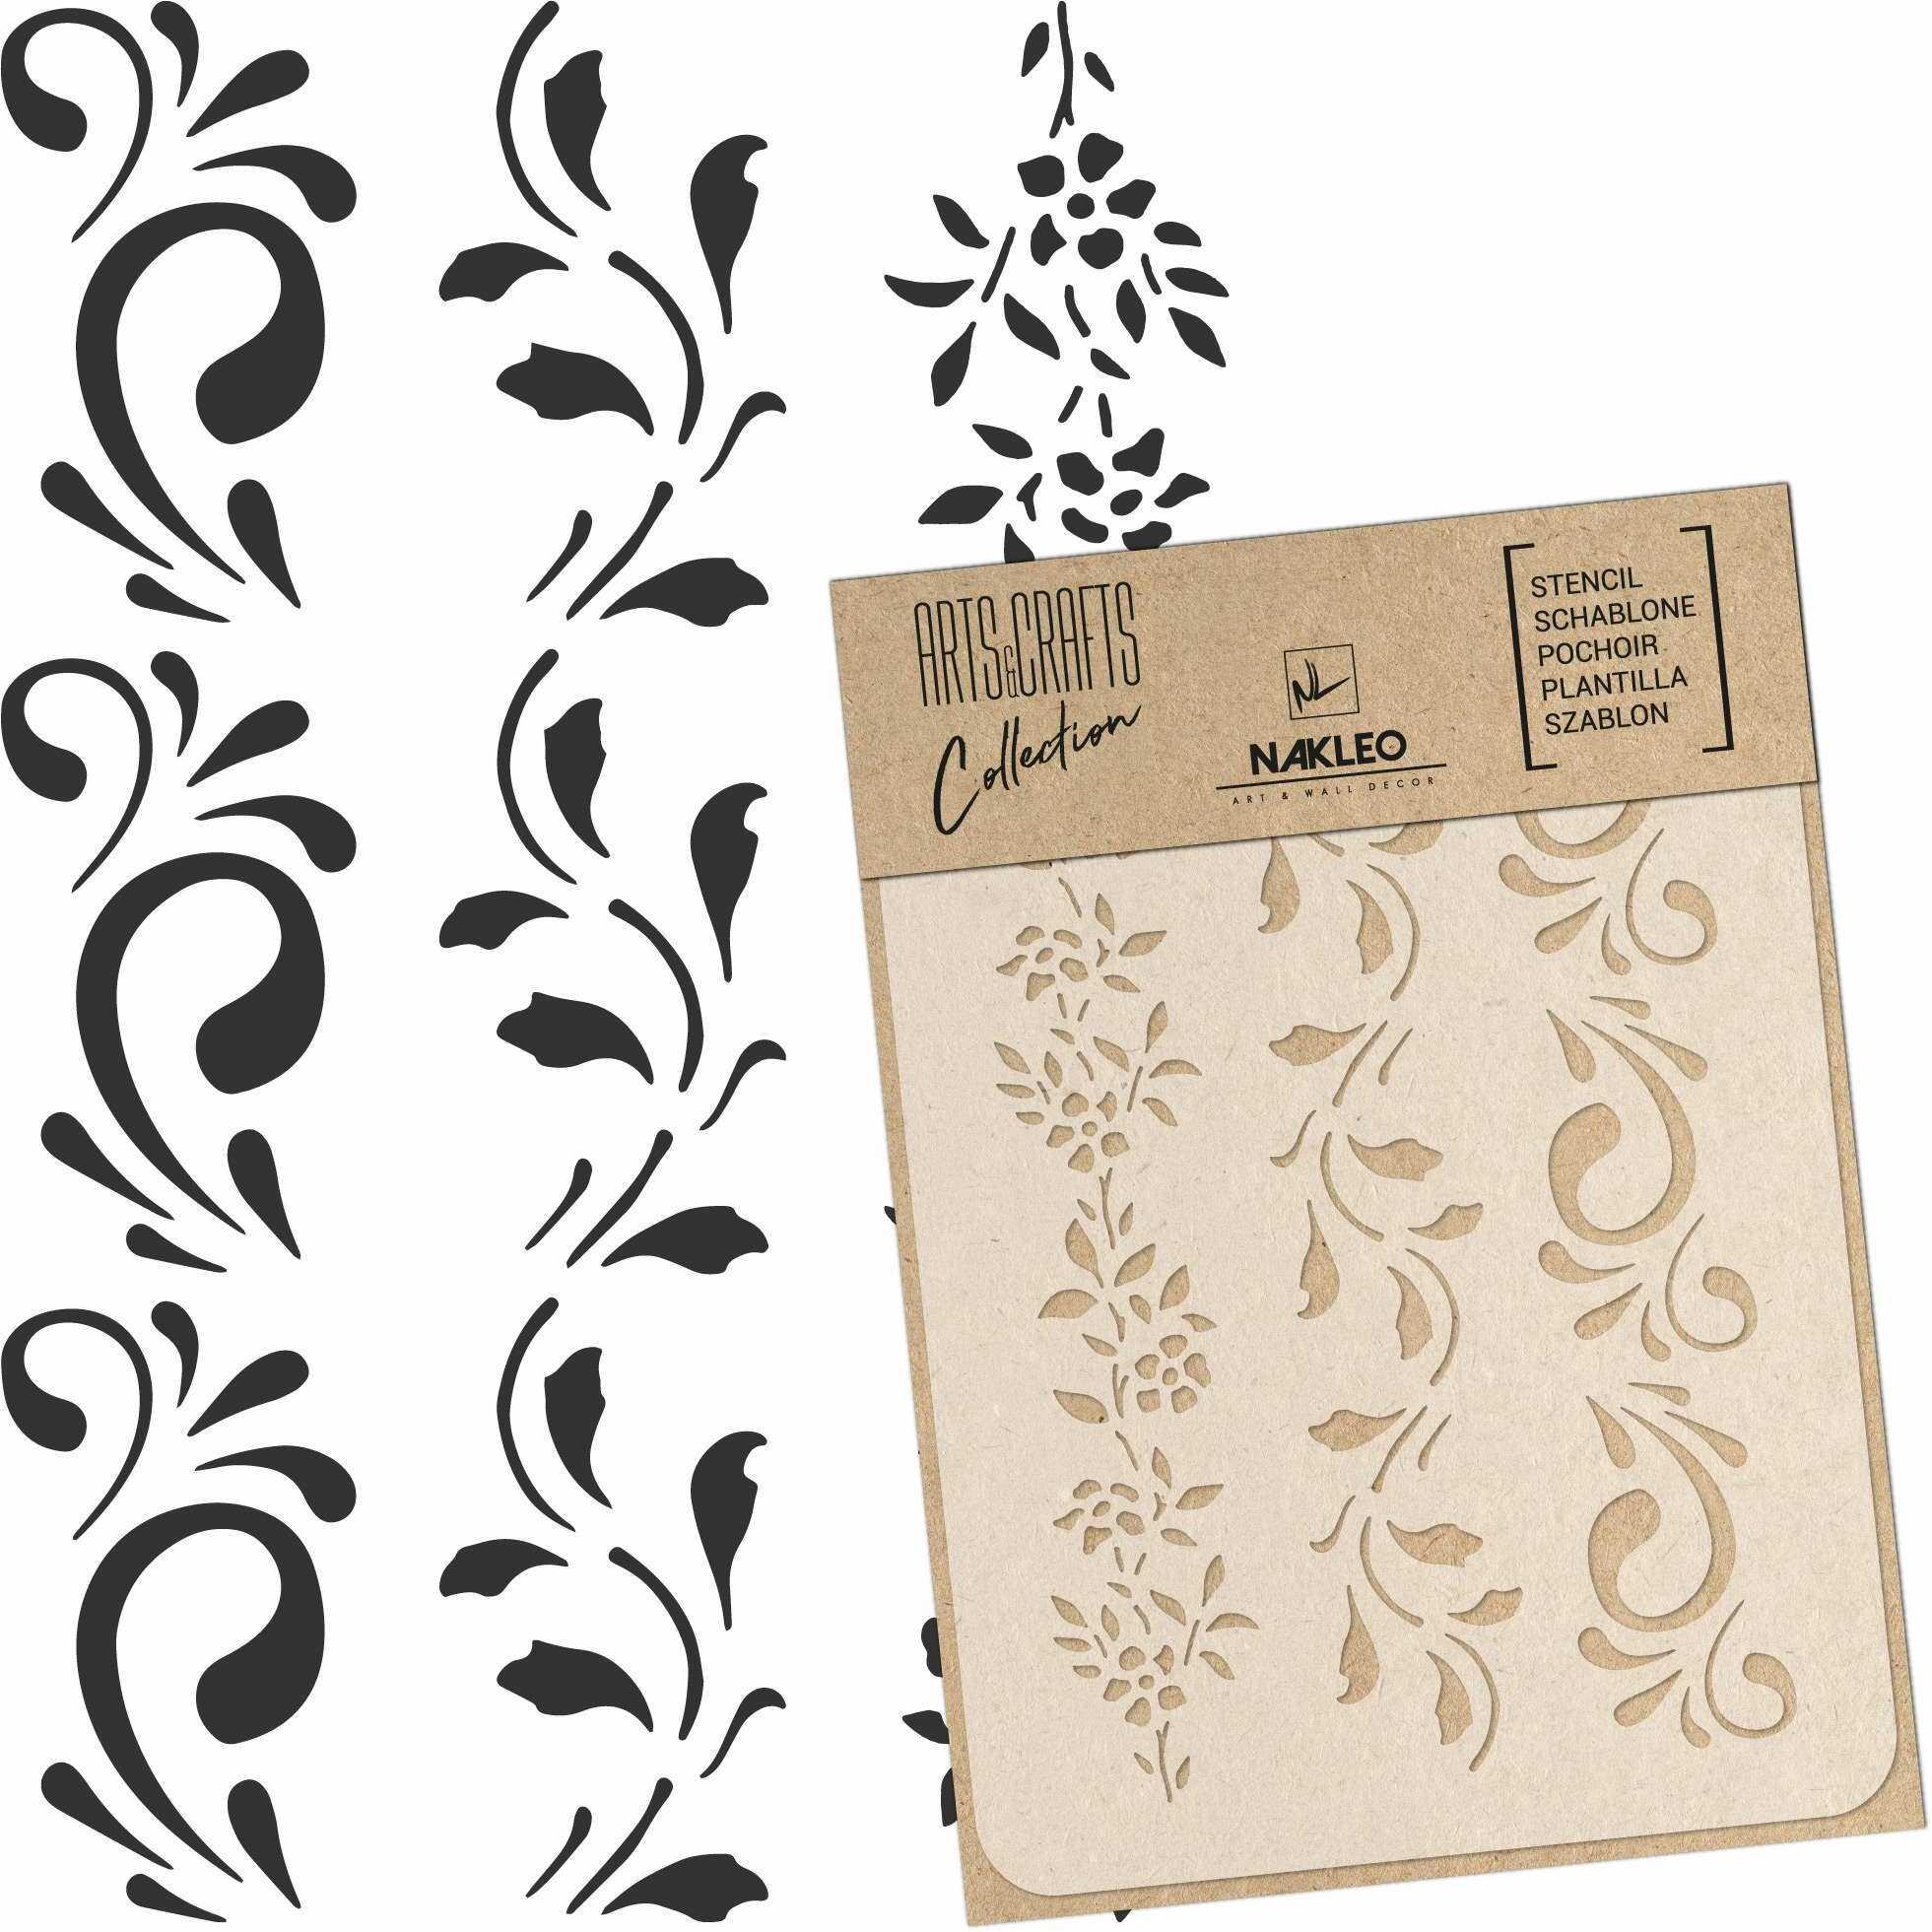 szablon malarski wielokrotny // BORDIURA KWIATOWA (BORDER FLOWERS) - A4 (21x30cm)